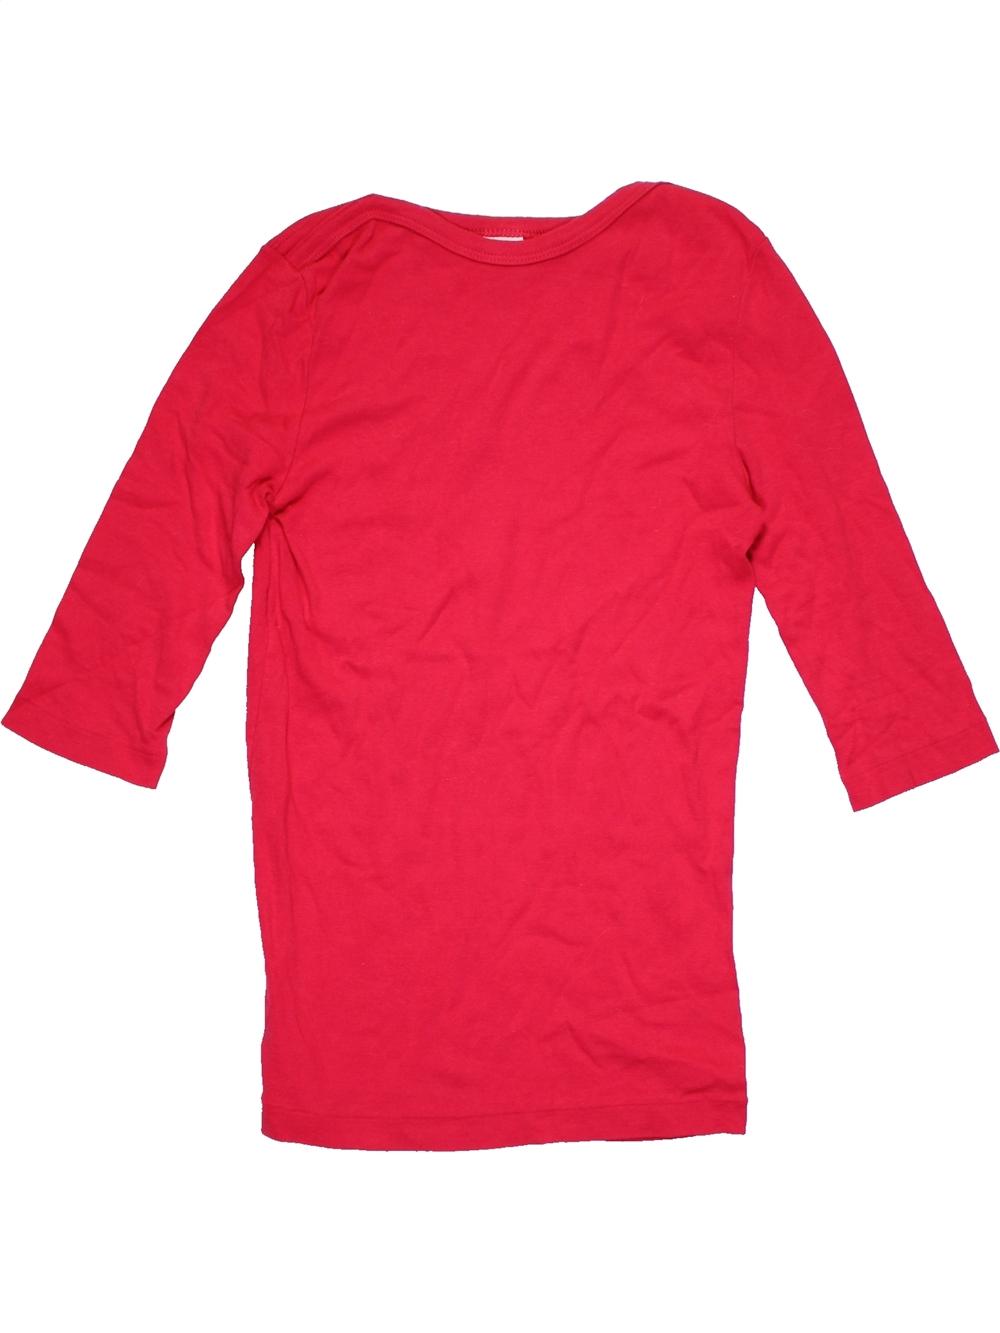 8b95407043bab T-shirt manches longues rouge PETIT BATEAU du 12 ans pour Fille - 1172296